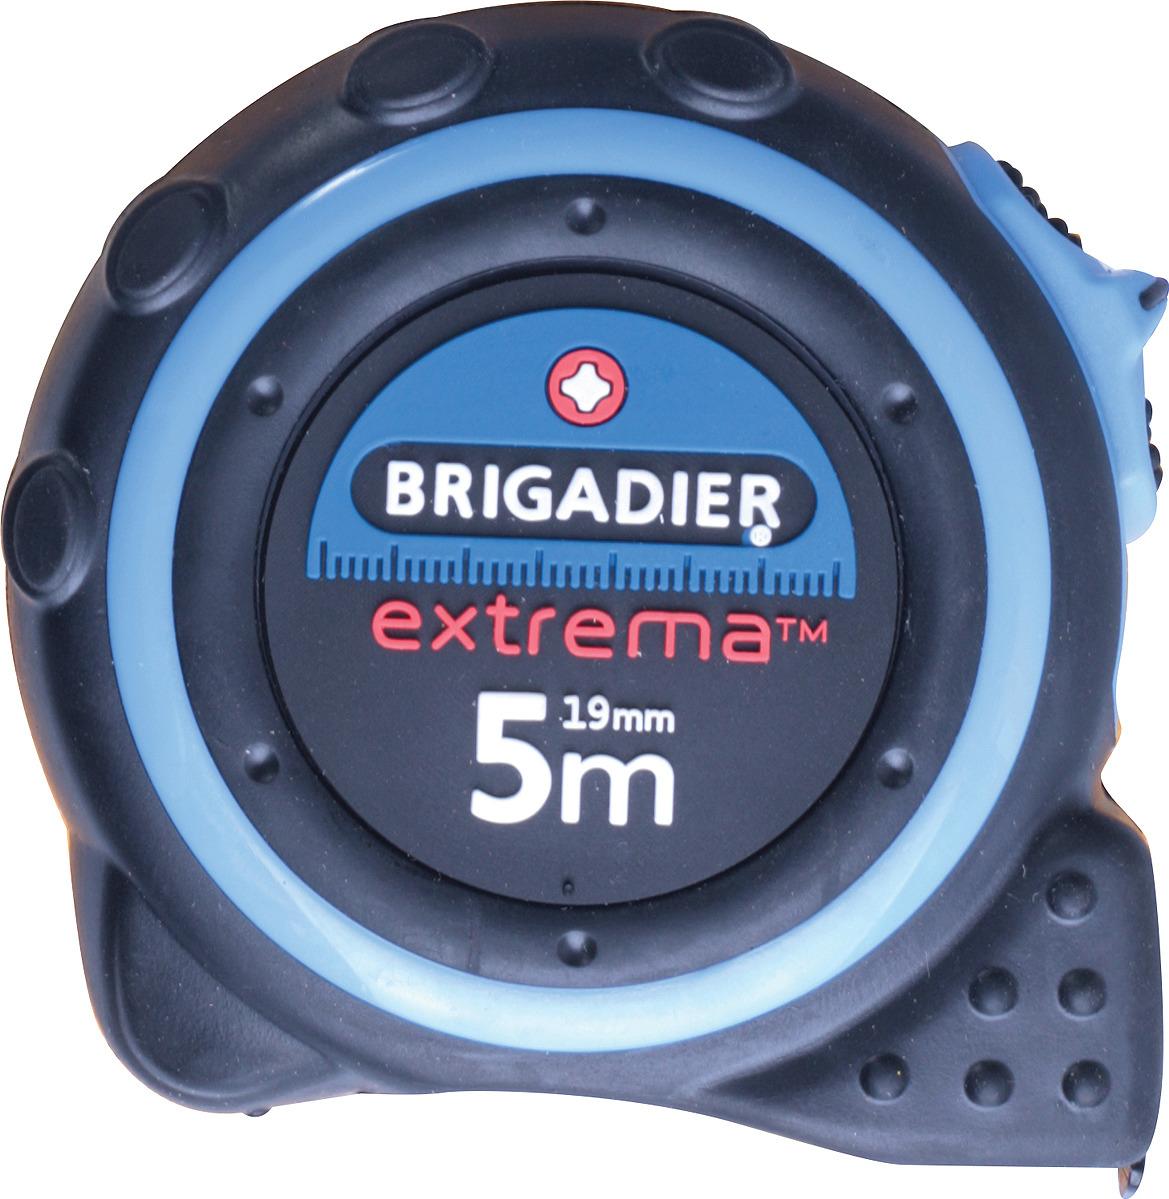 цены Измерительная рулетка Brigadier Extrema, 11042, 5 м